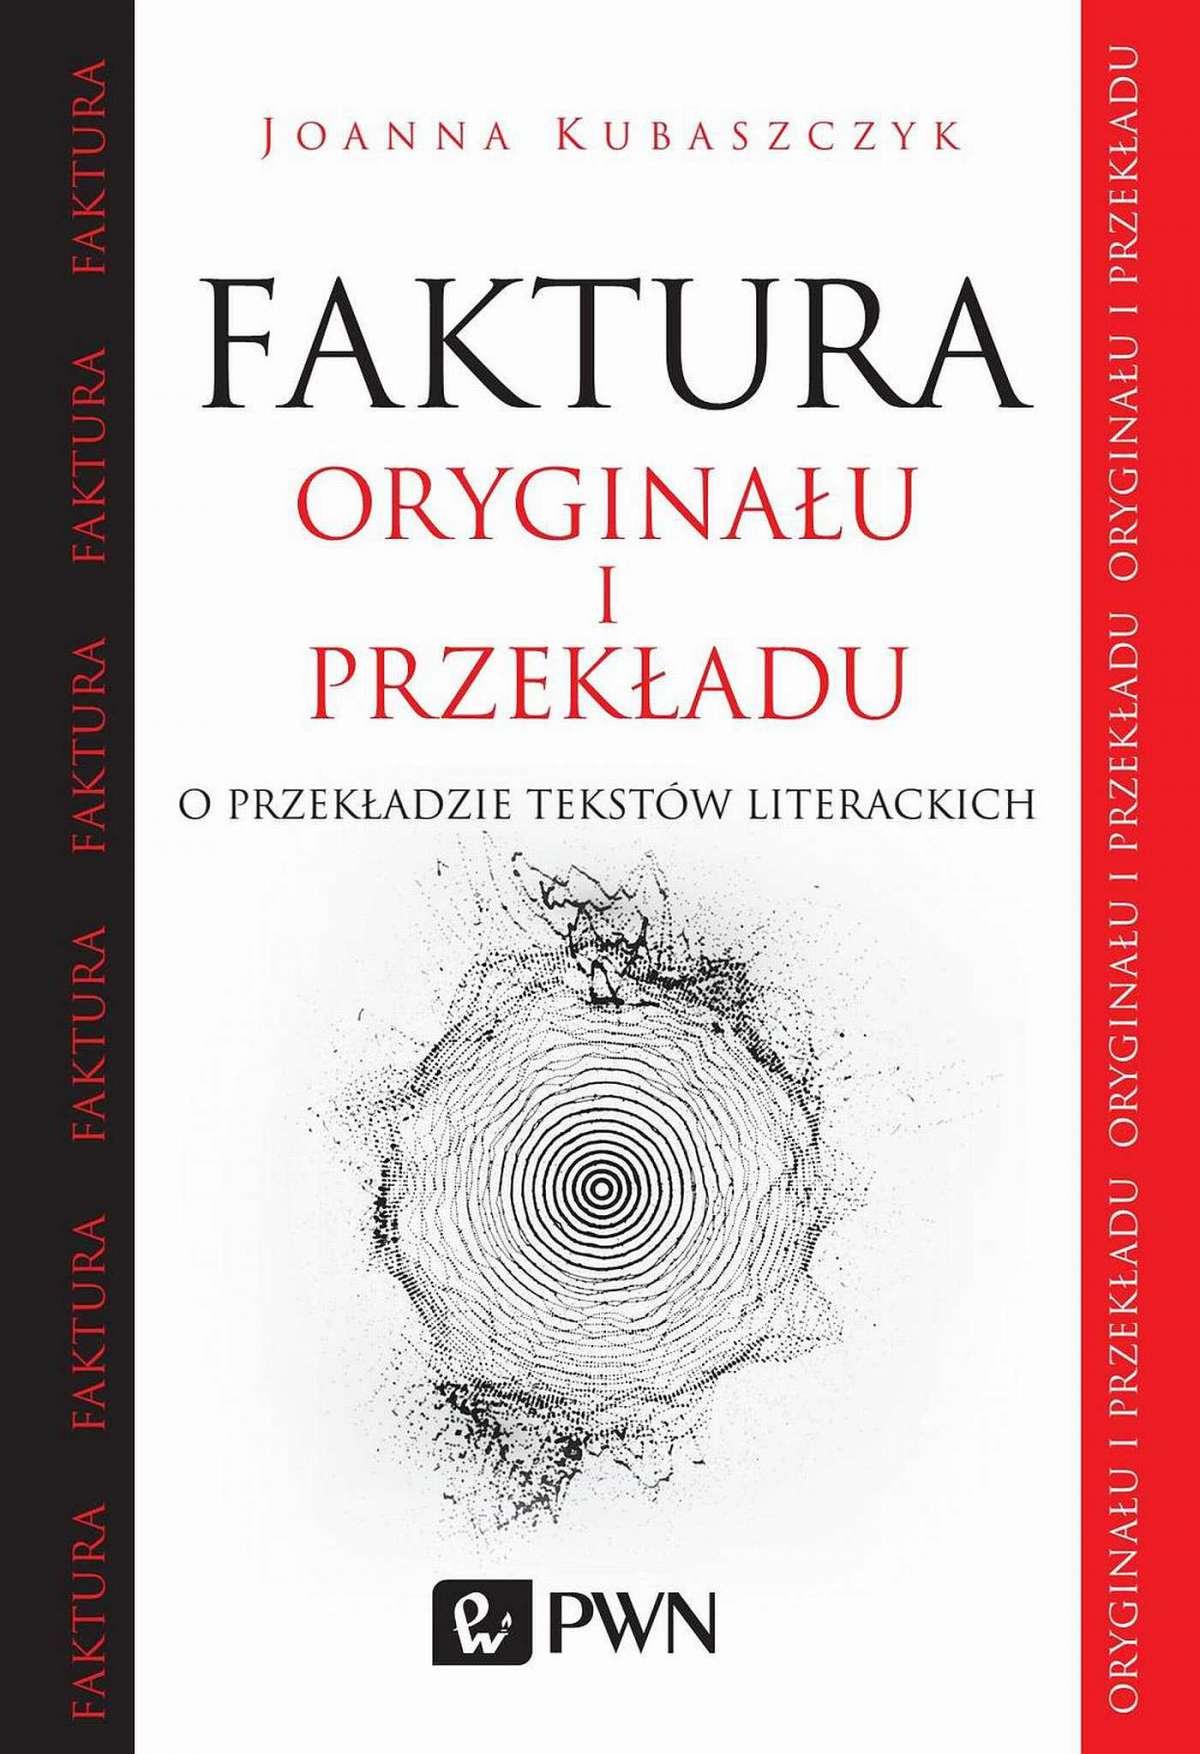 Faktura oryginału i przekładu - Ebook (Książka EPUB) do pobrania w formacie EPUB